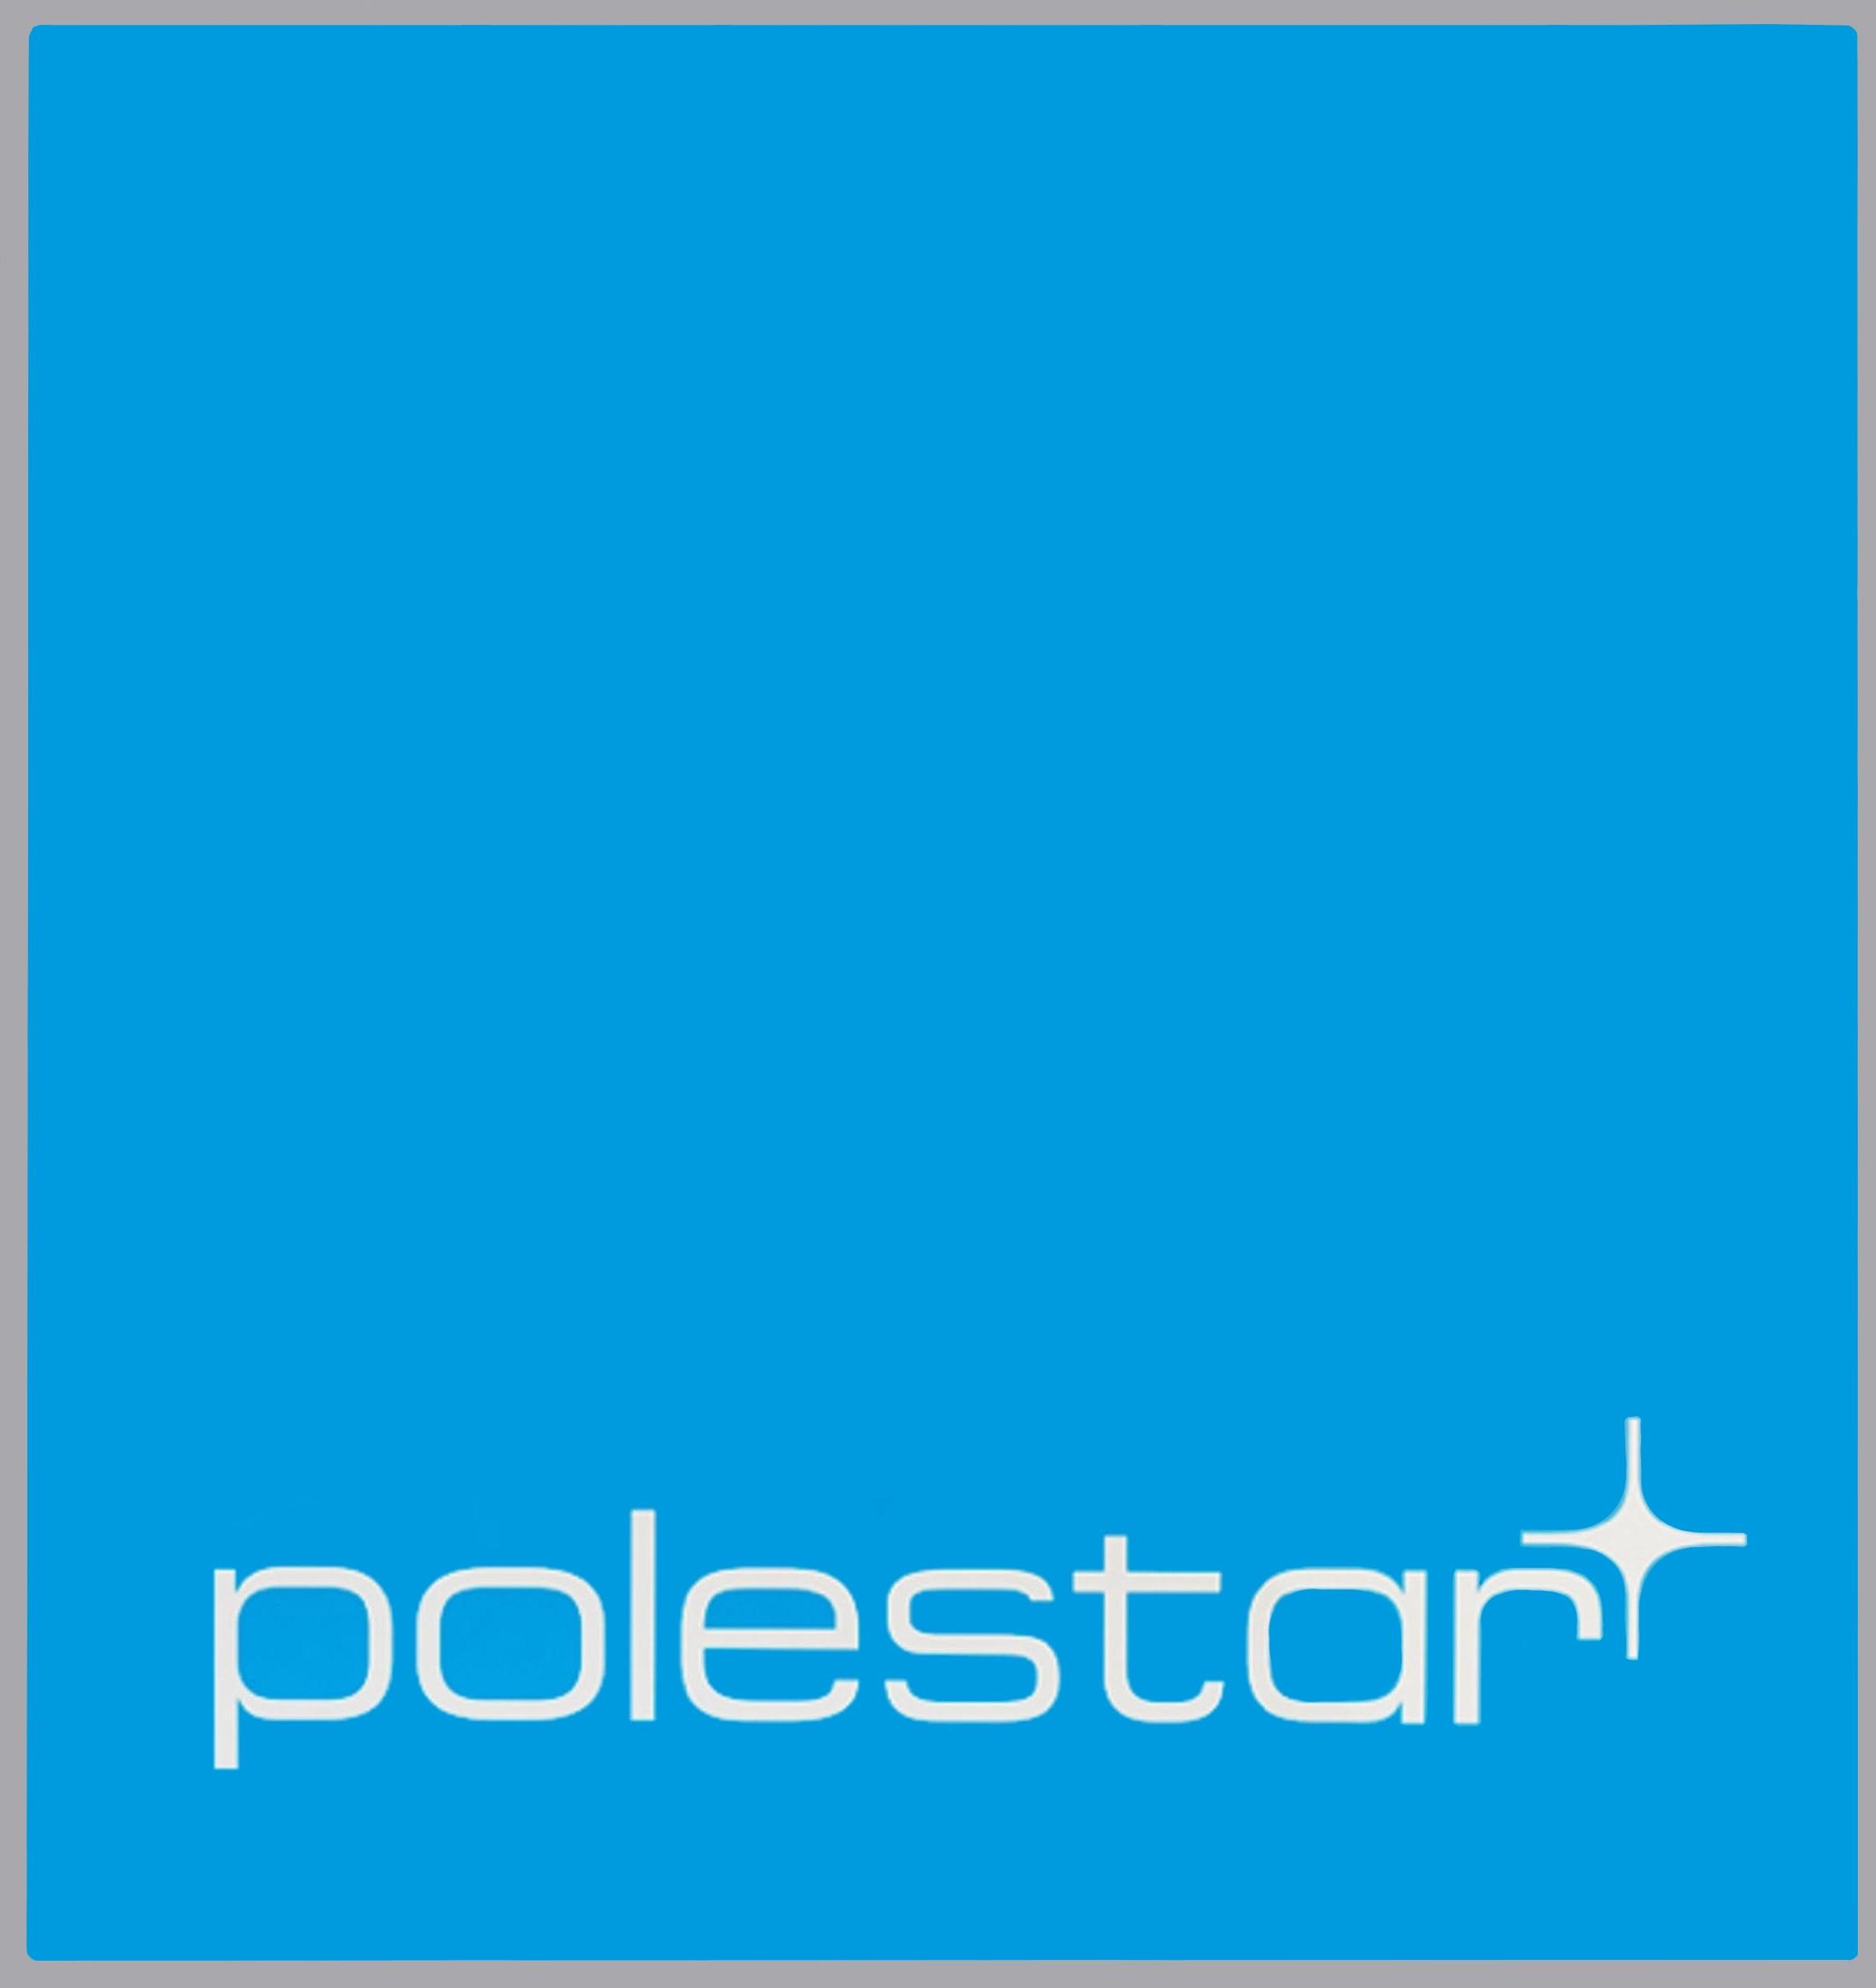 File:Polestar Logo 2014 Rendered.jpg.